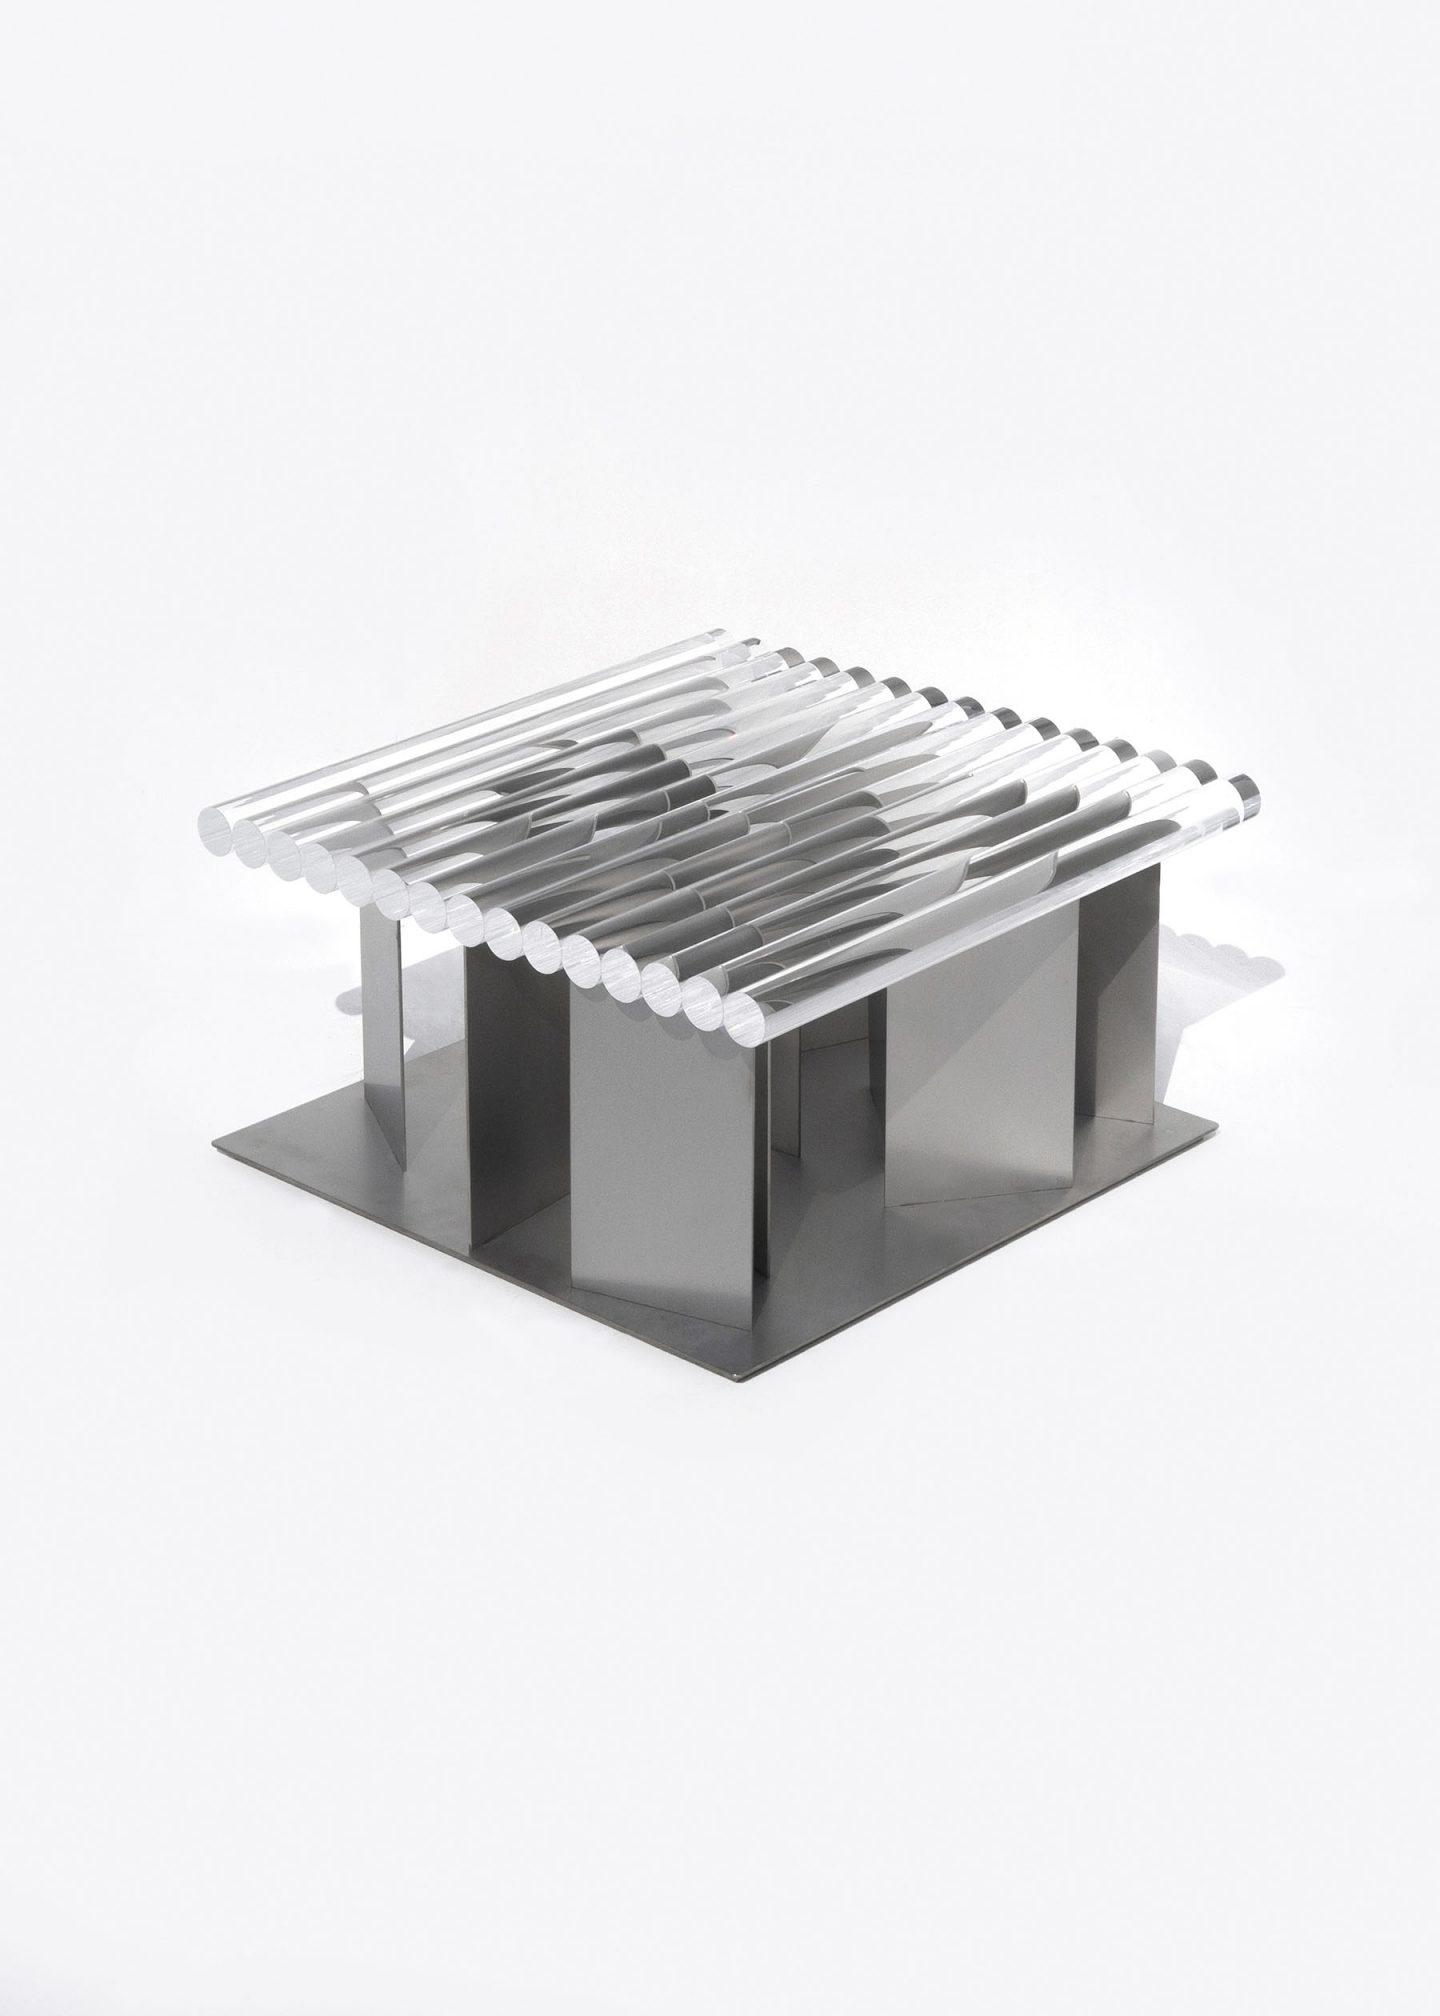 IGNANT-Design-Jihye-Zang-Purity-010